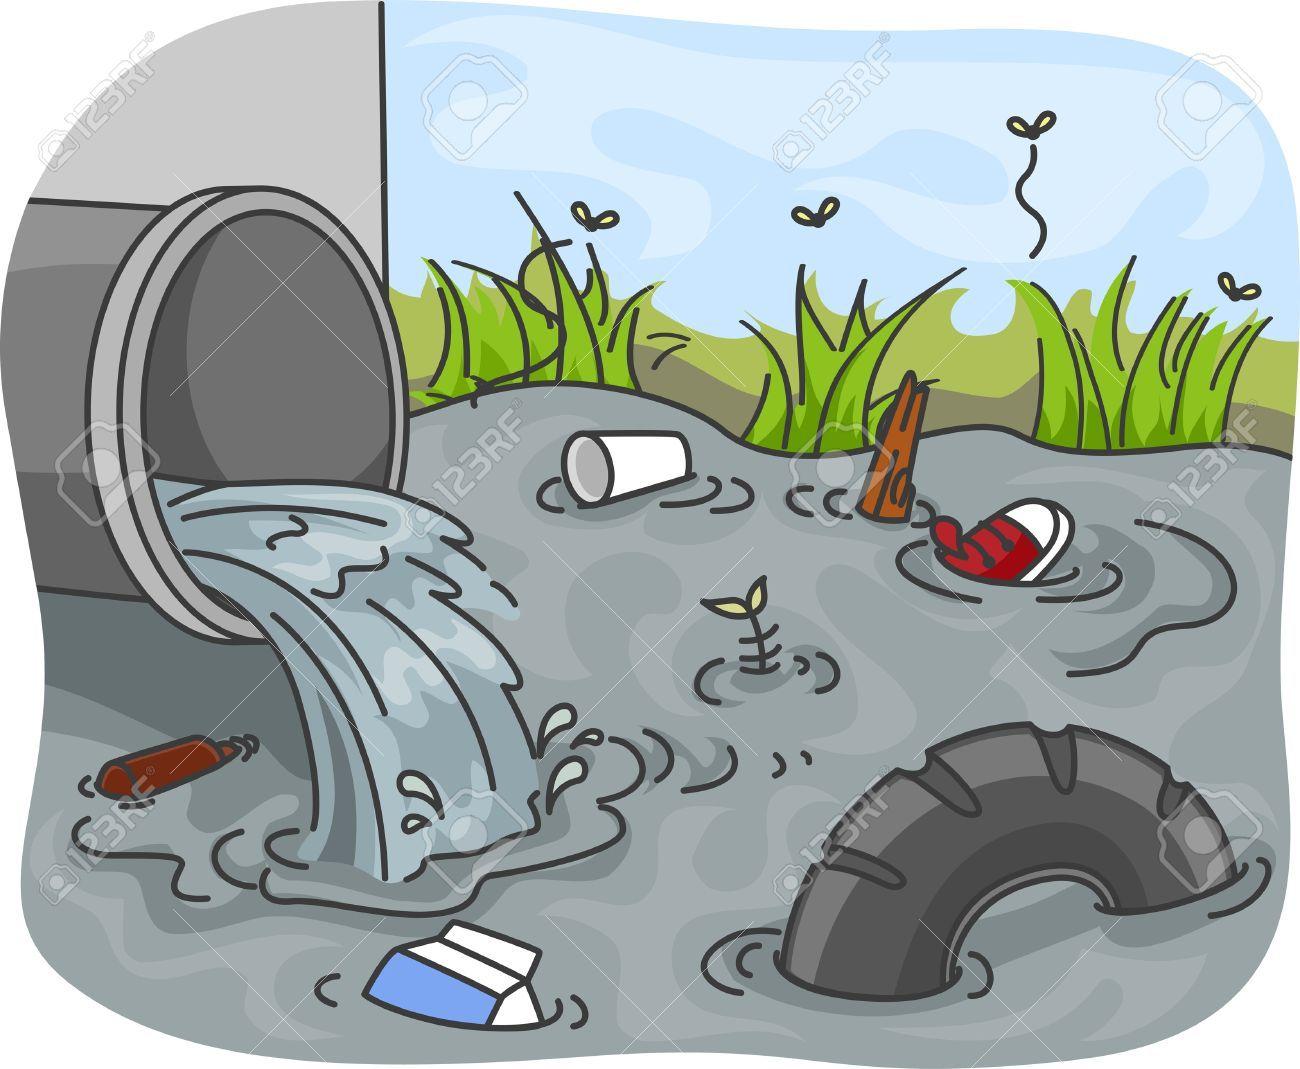 Resultado De Imagen Para Imagenes De Medio Ambiente Contaminado